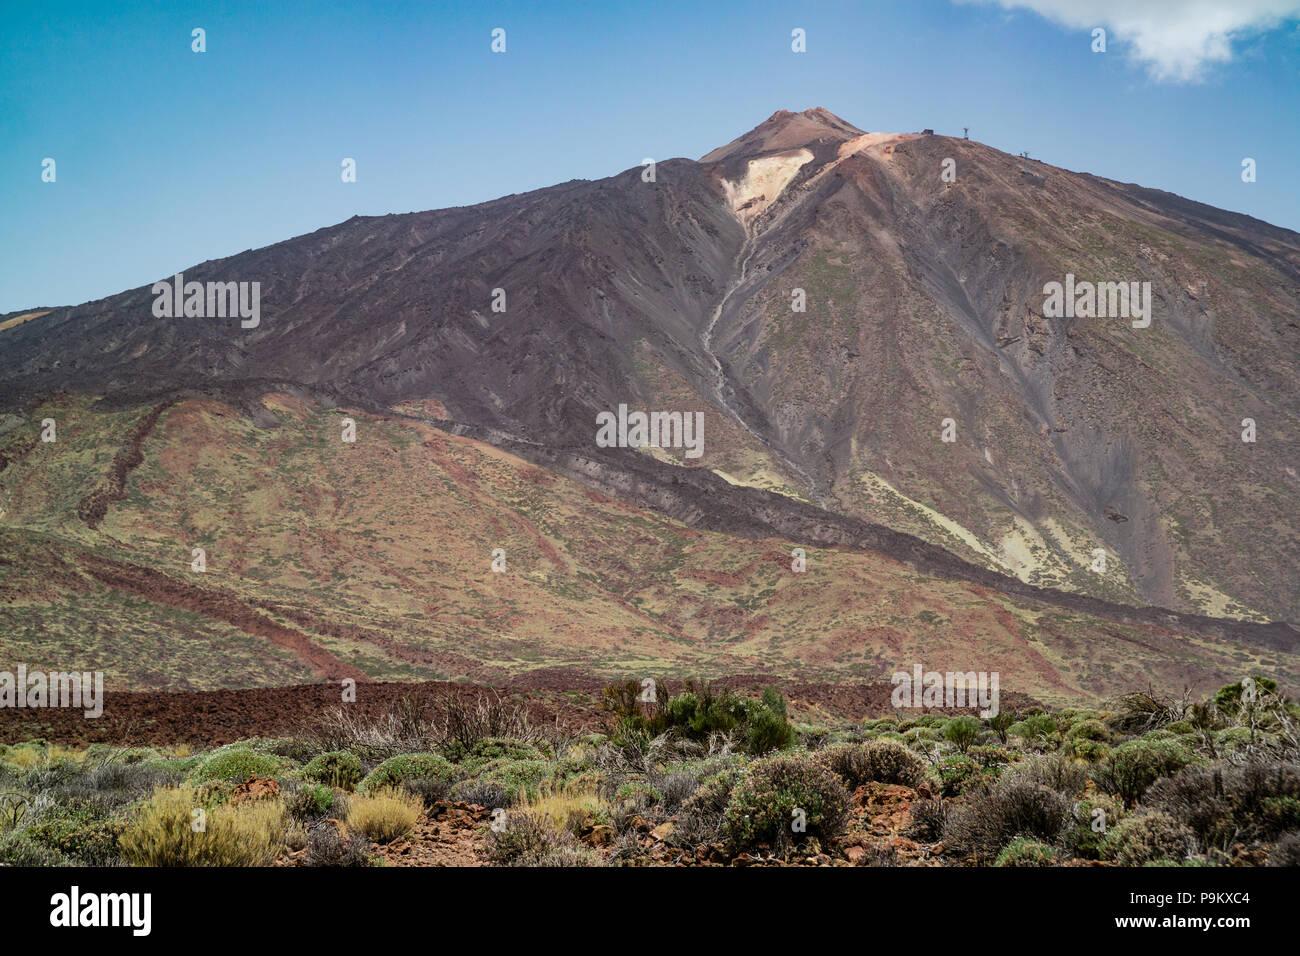 Mount Teide, ein Jahrzehnt Vulkan in Teneriffa, mit trockenen Buschland und Lavagestein im Vordergrund der Landschaft. Stockbild